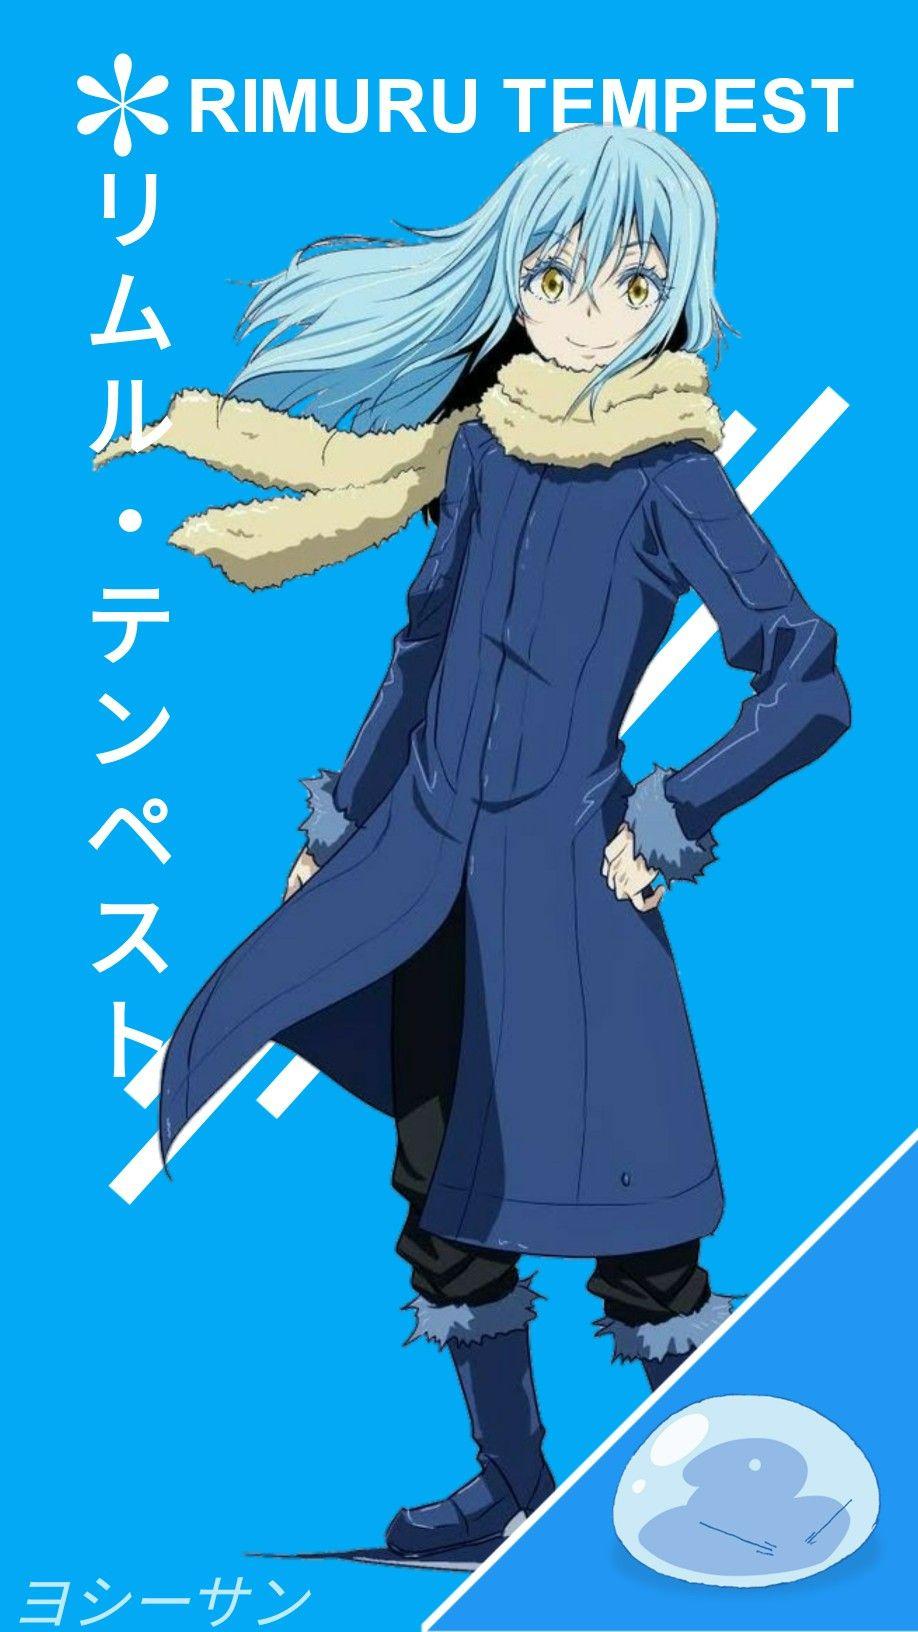 Tensei Shitara Slime Datta Ken Wallpaper Anime Subarashi